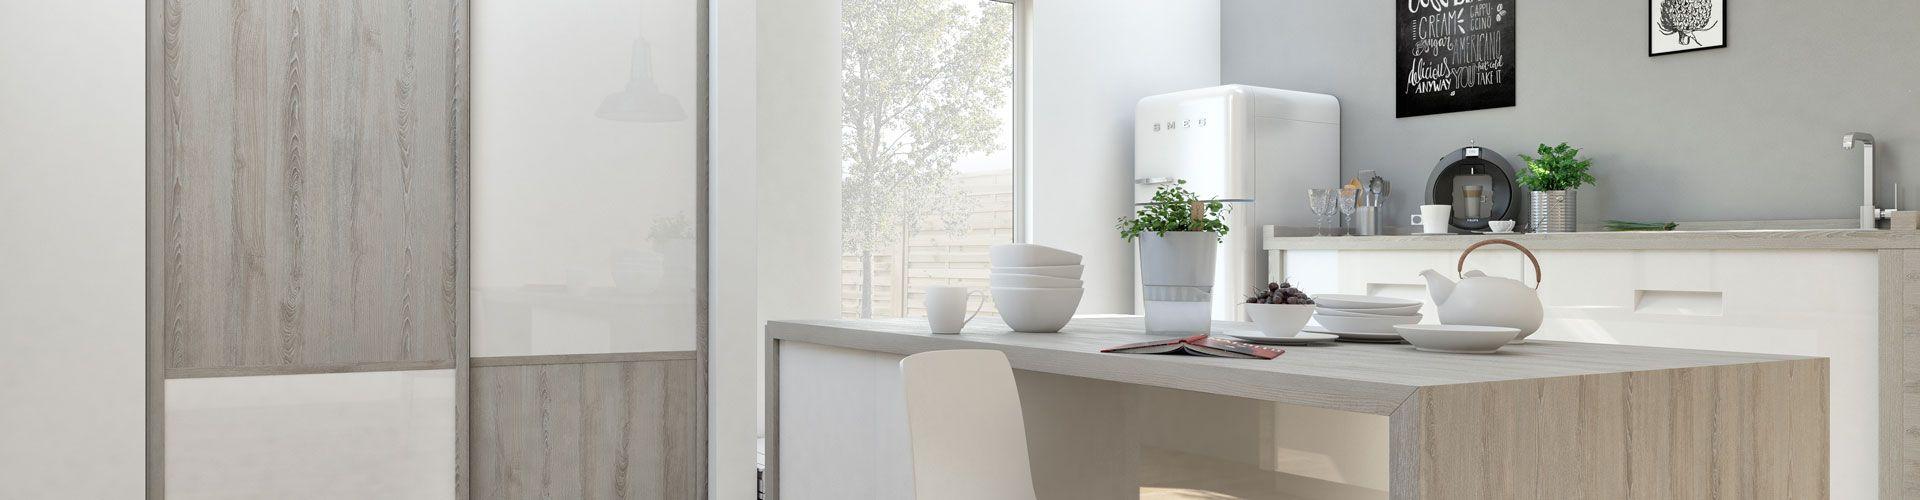 portes de placard d co scandinave blanc et bois gris page 2 kazed. Black Bedroom Furniture Sets. Home Design Ideas